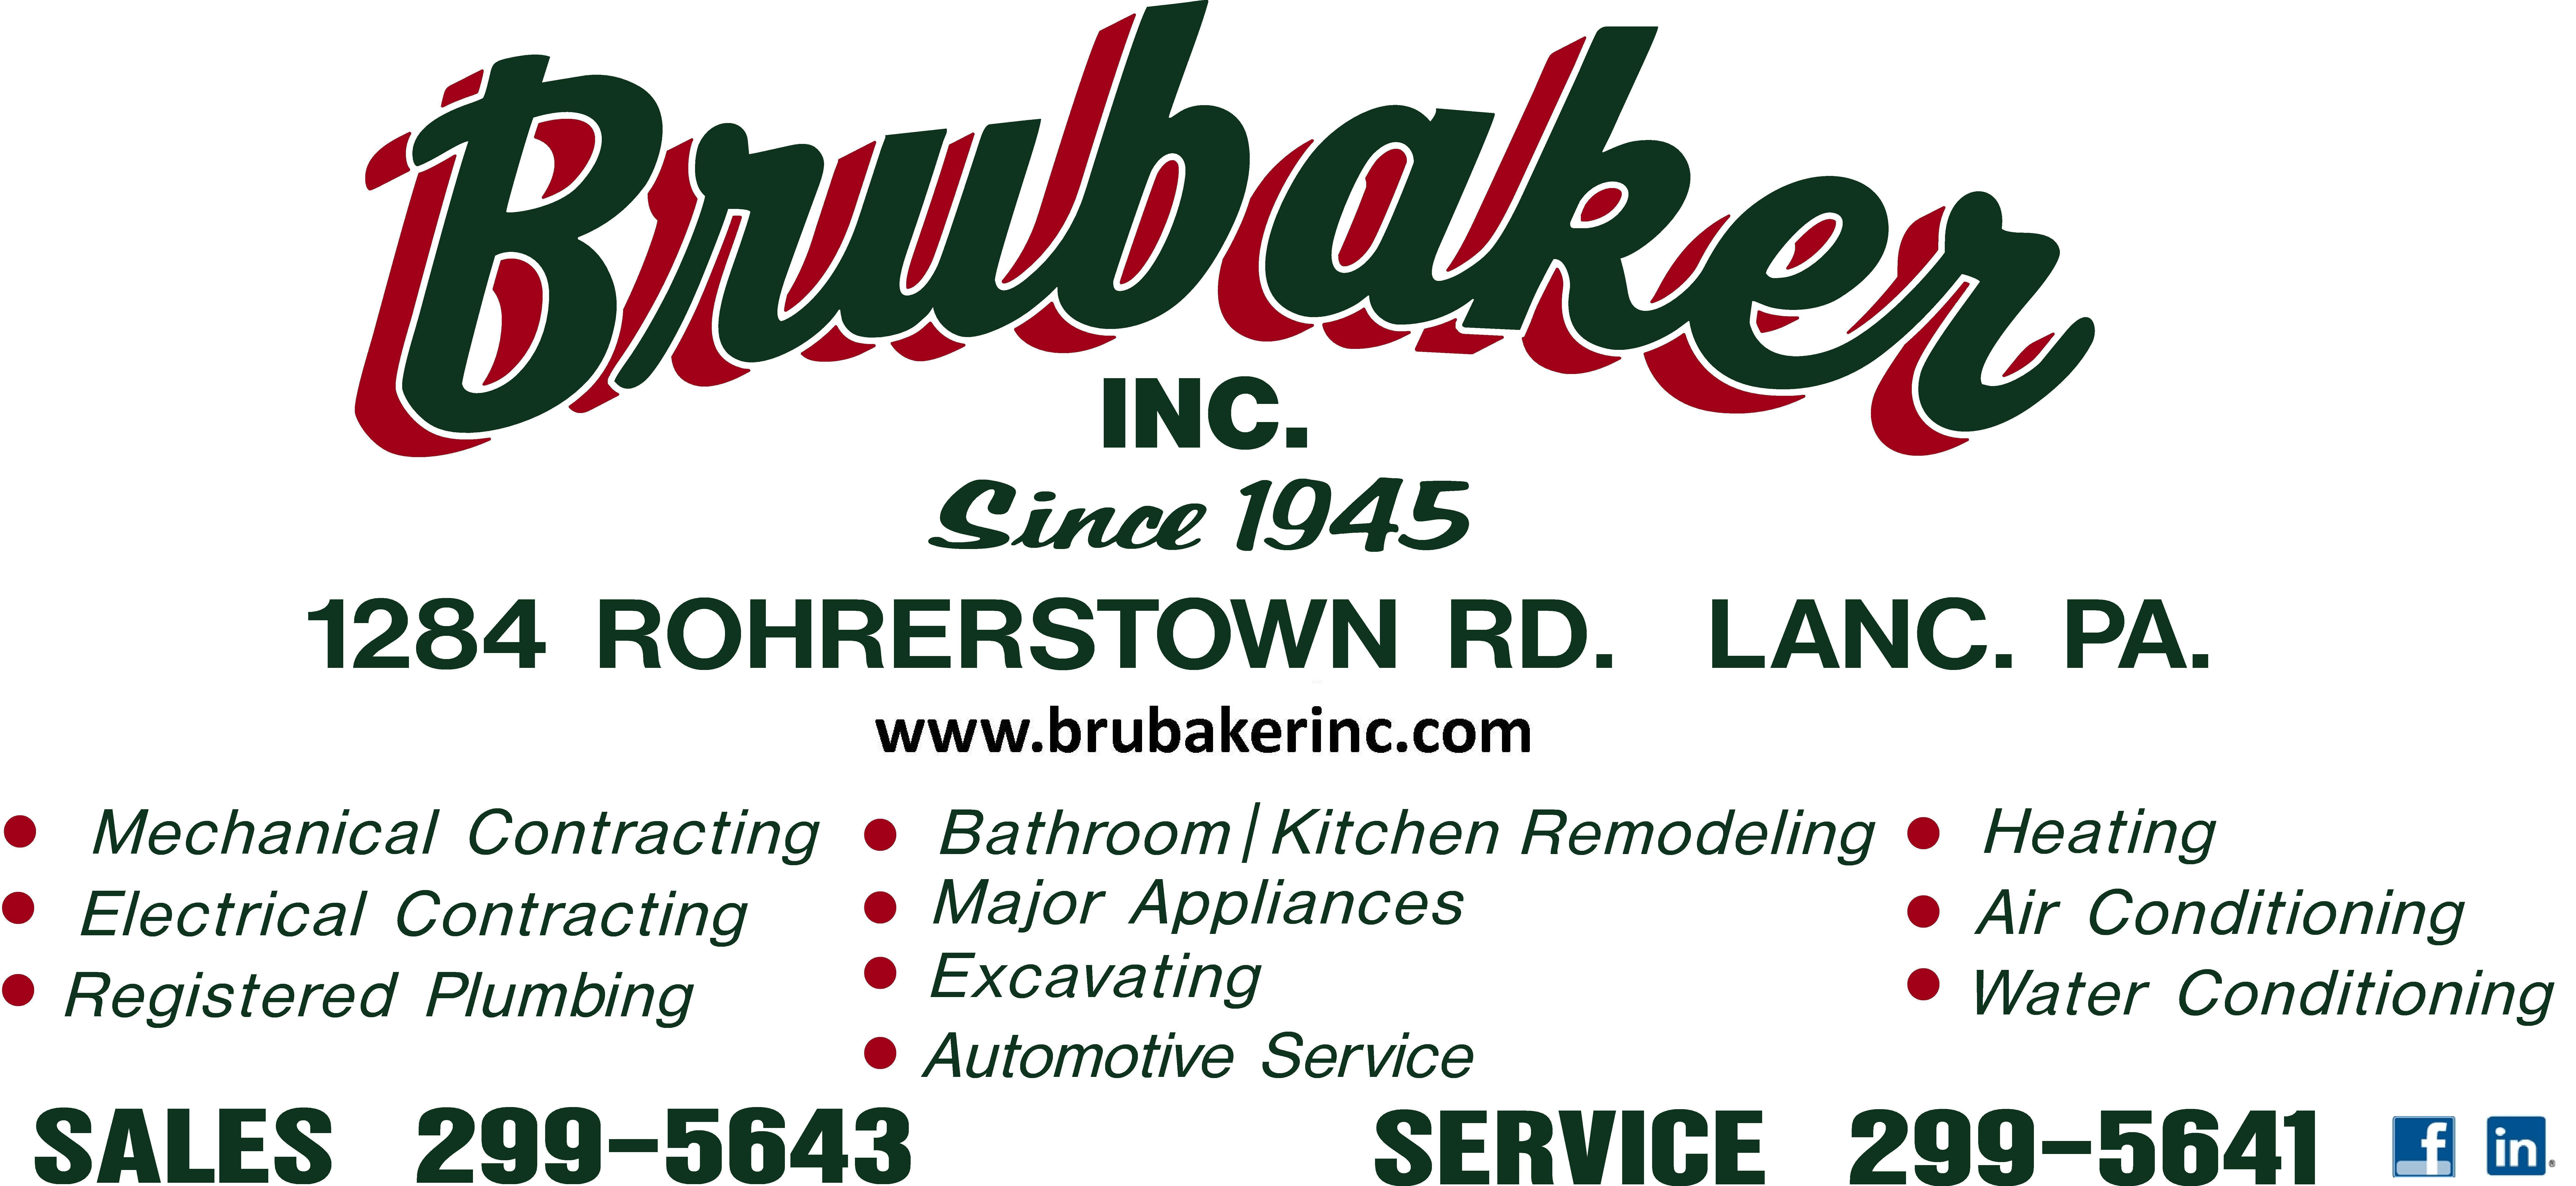 BRUBAKER web info advertising print